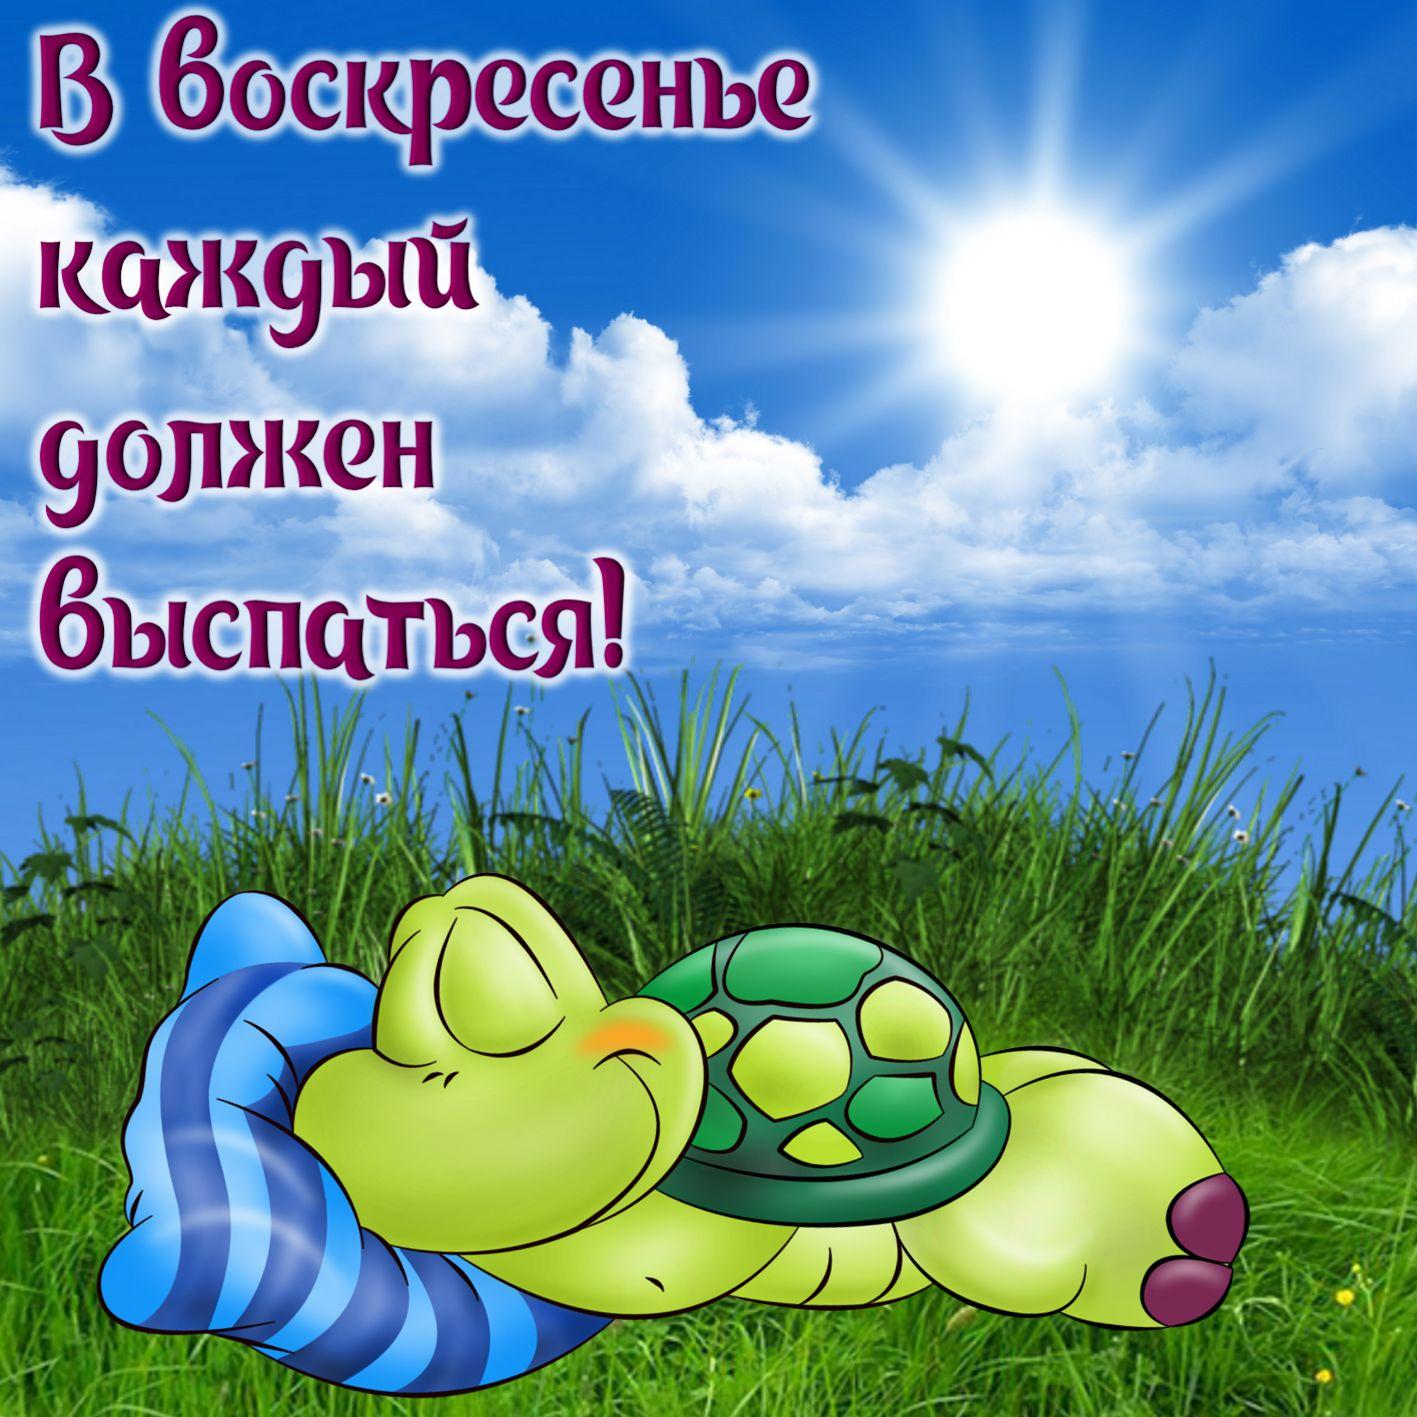 Открытка на воскресенье - мультяшная черепашка спящая на траве